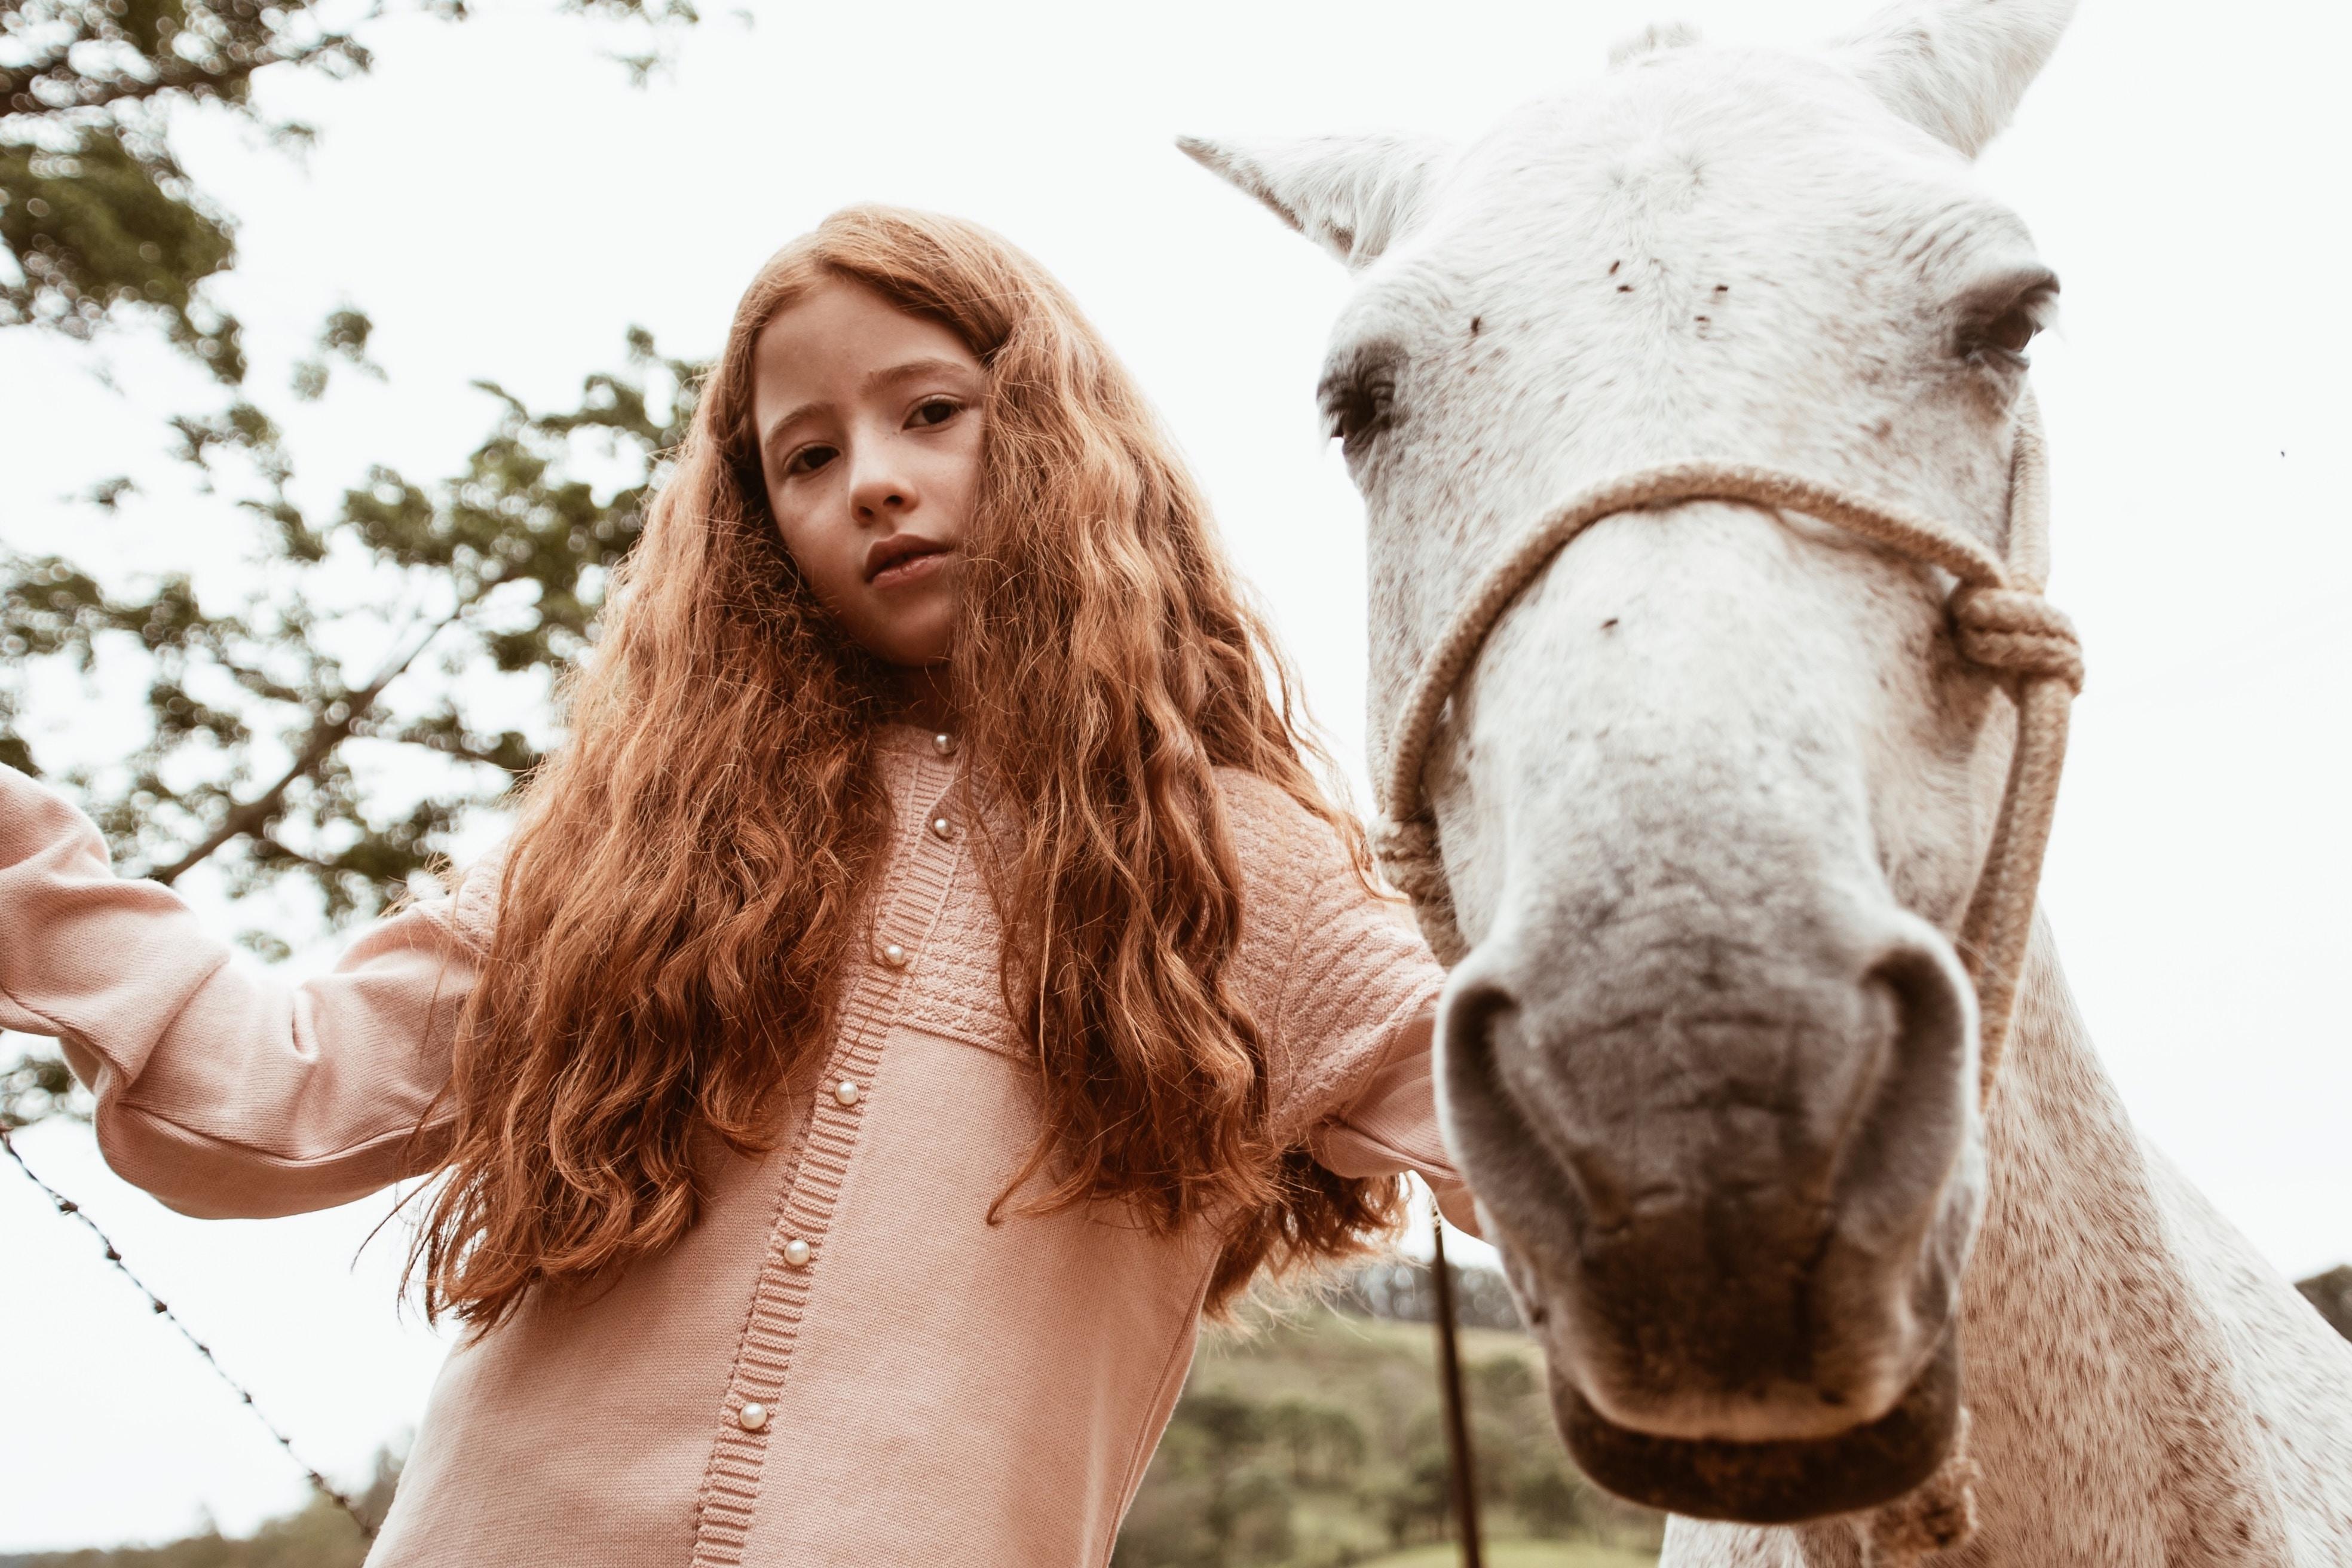 girl standing beside white horse